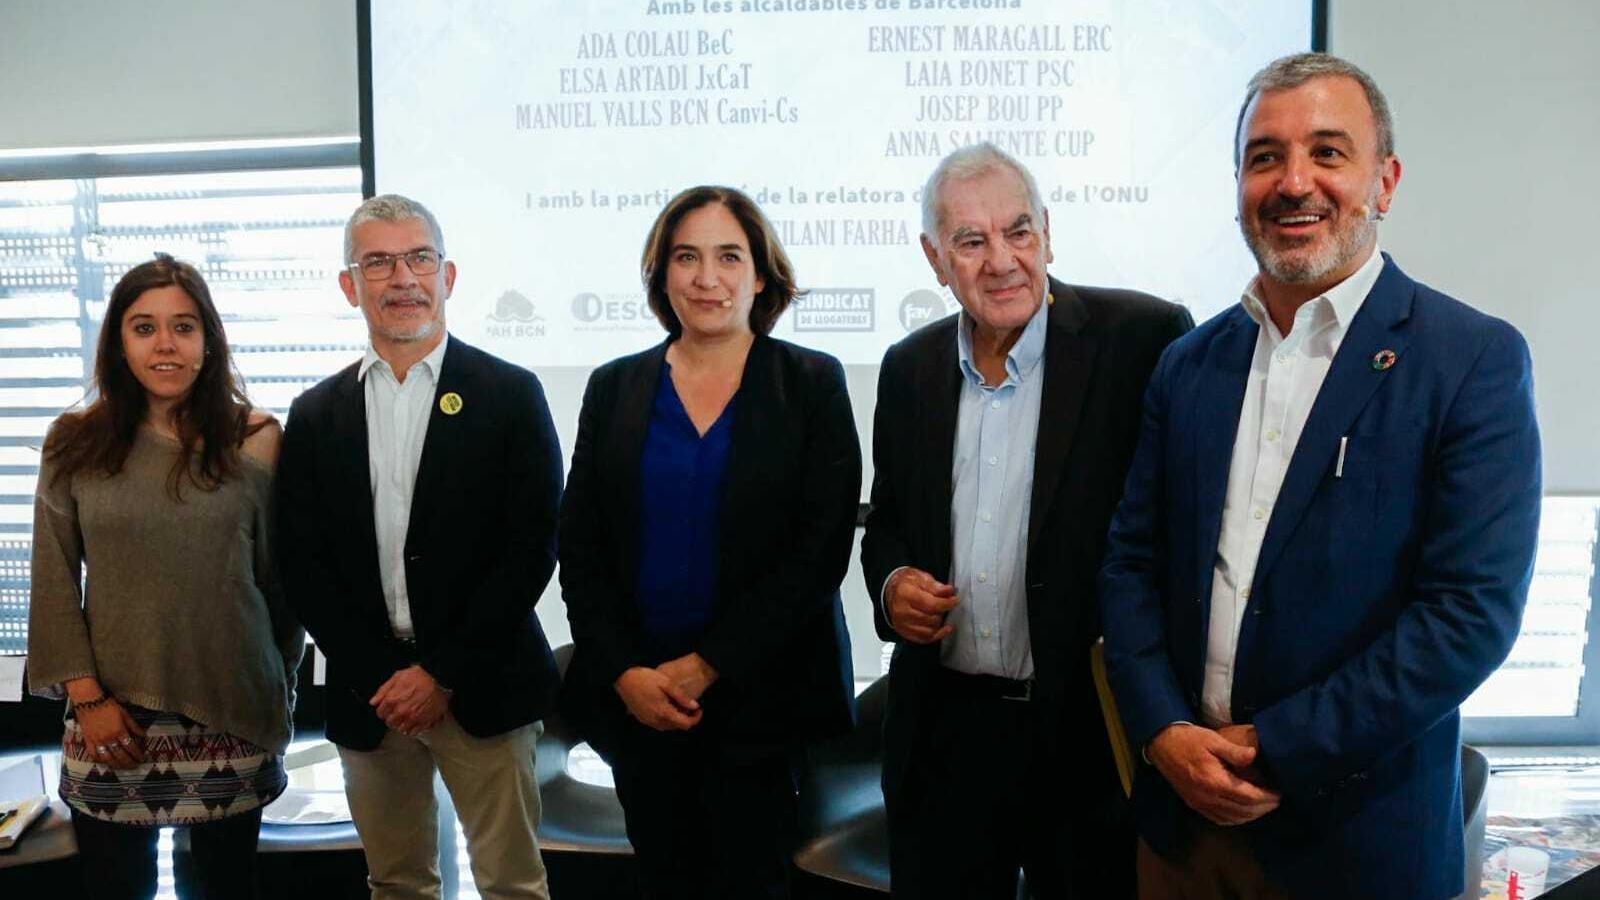 Maragall i Colau s'enganxen per la regulació de lloguers